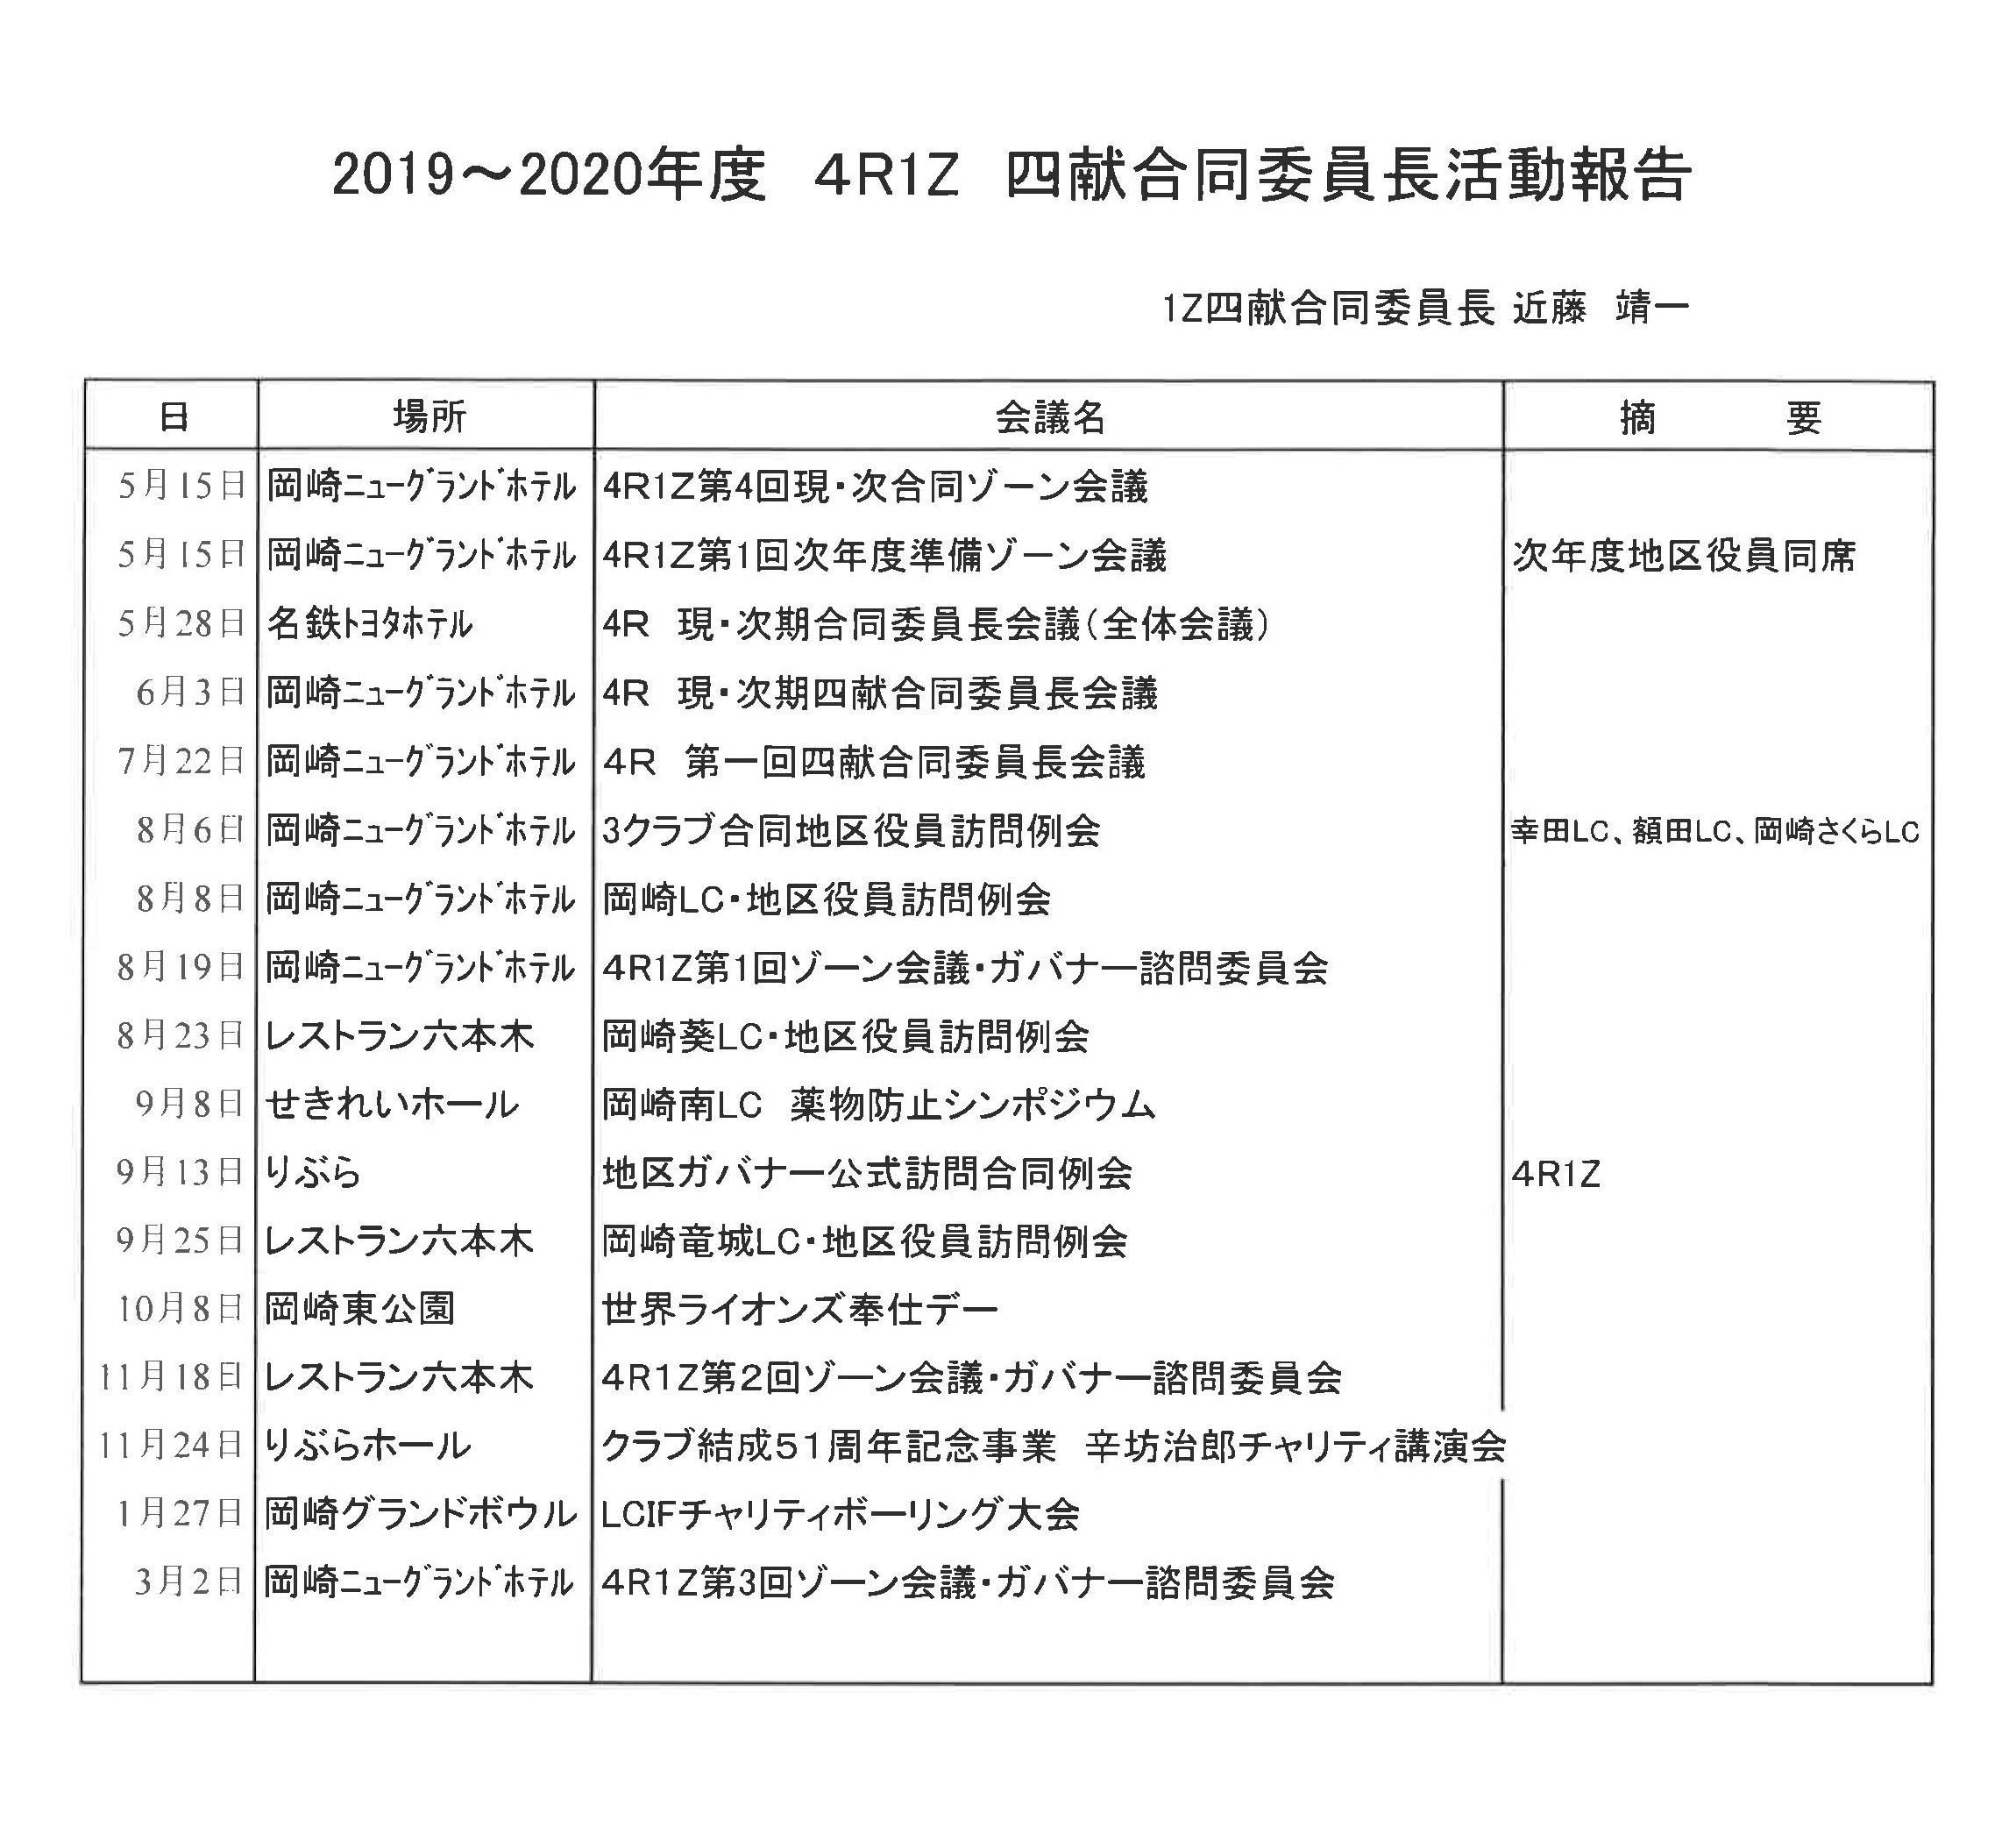 10 4R1Z四献合同委員長活動報告